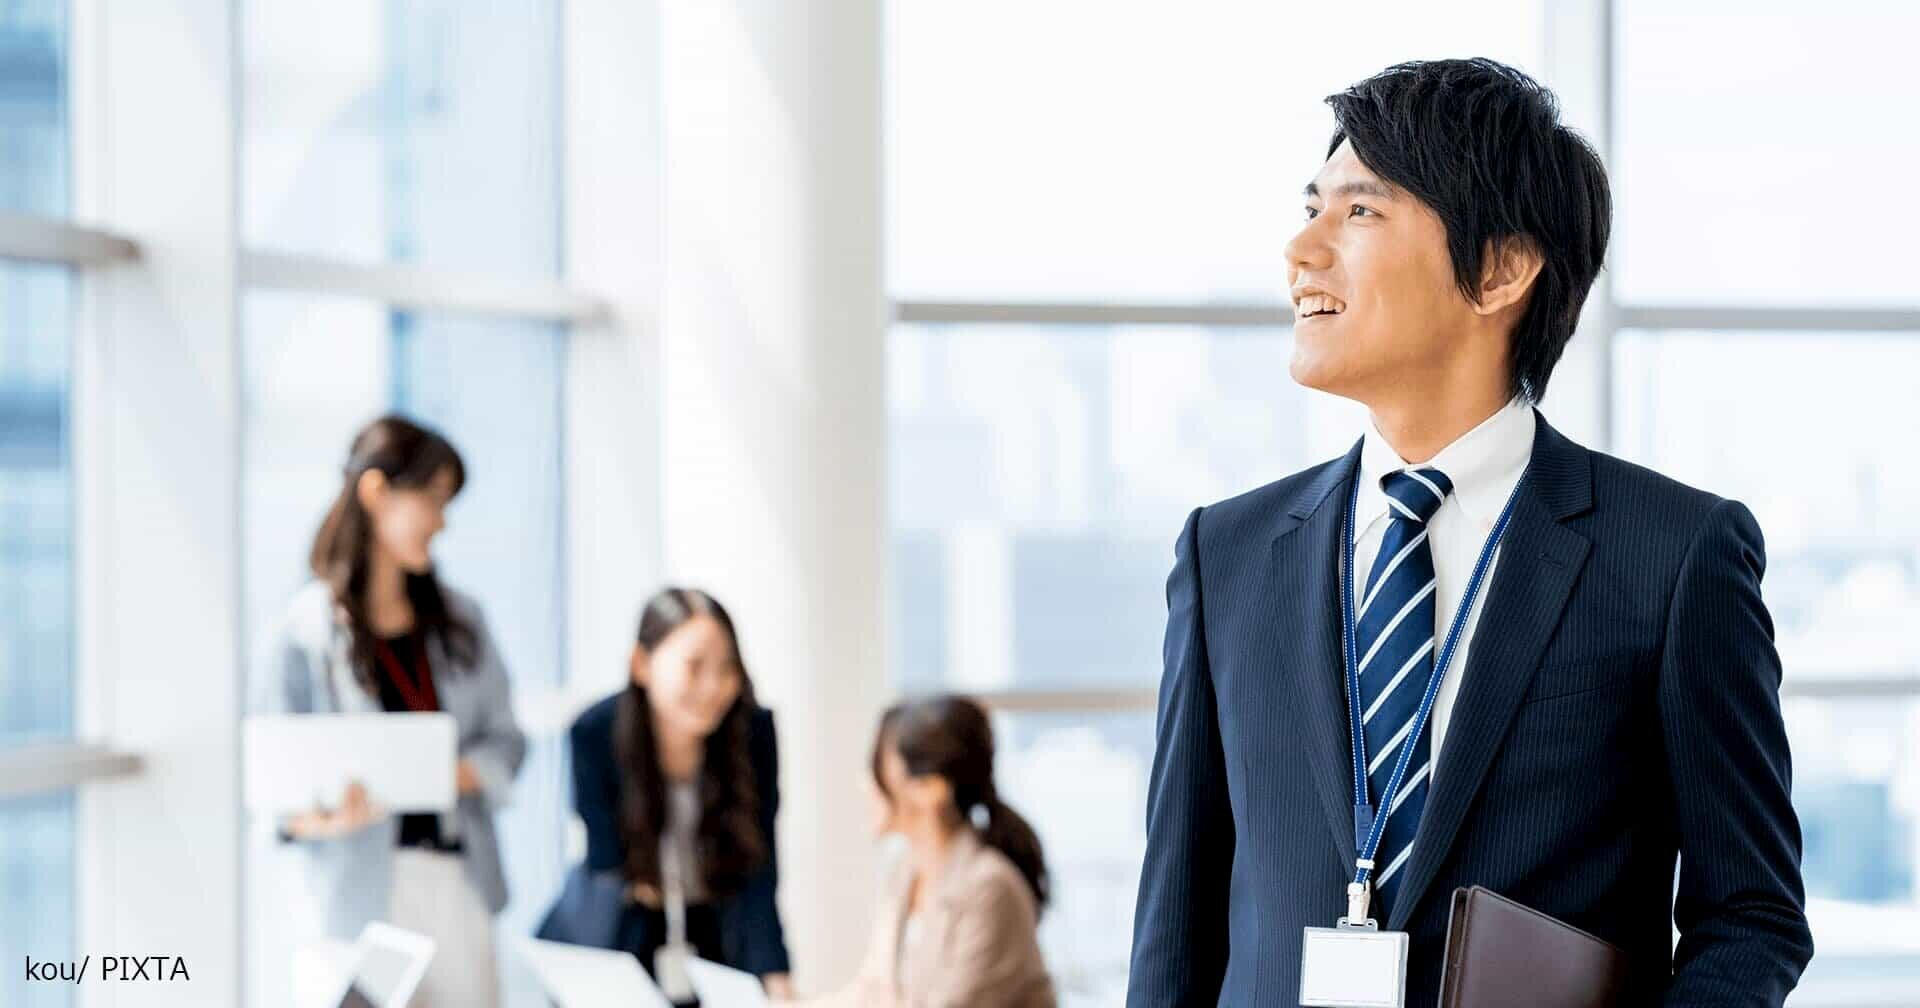 良い会社づくりに不可欠。社員を伸ばす「行動環境」~成長ドライバのあるべき姿